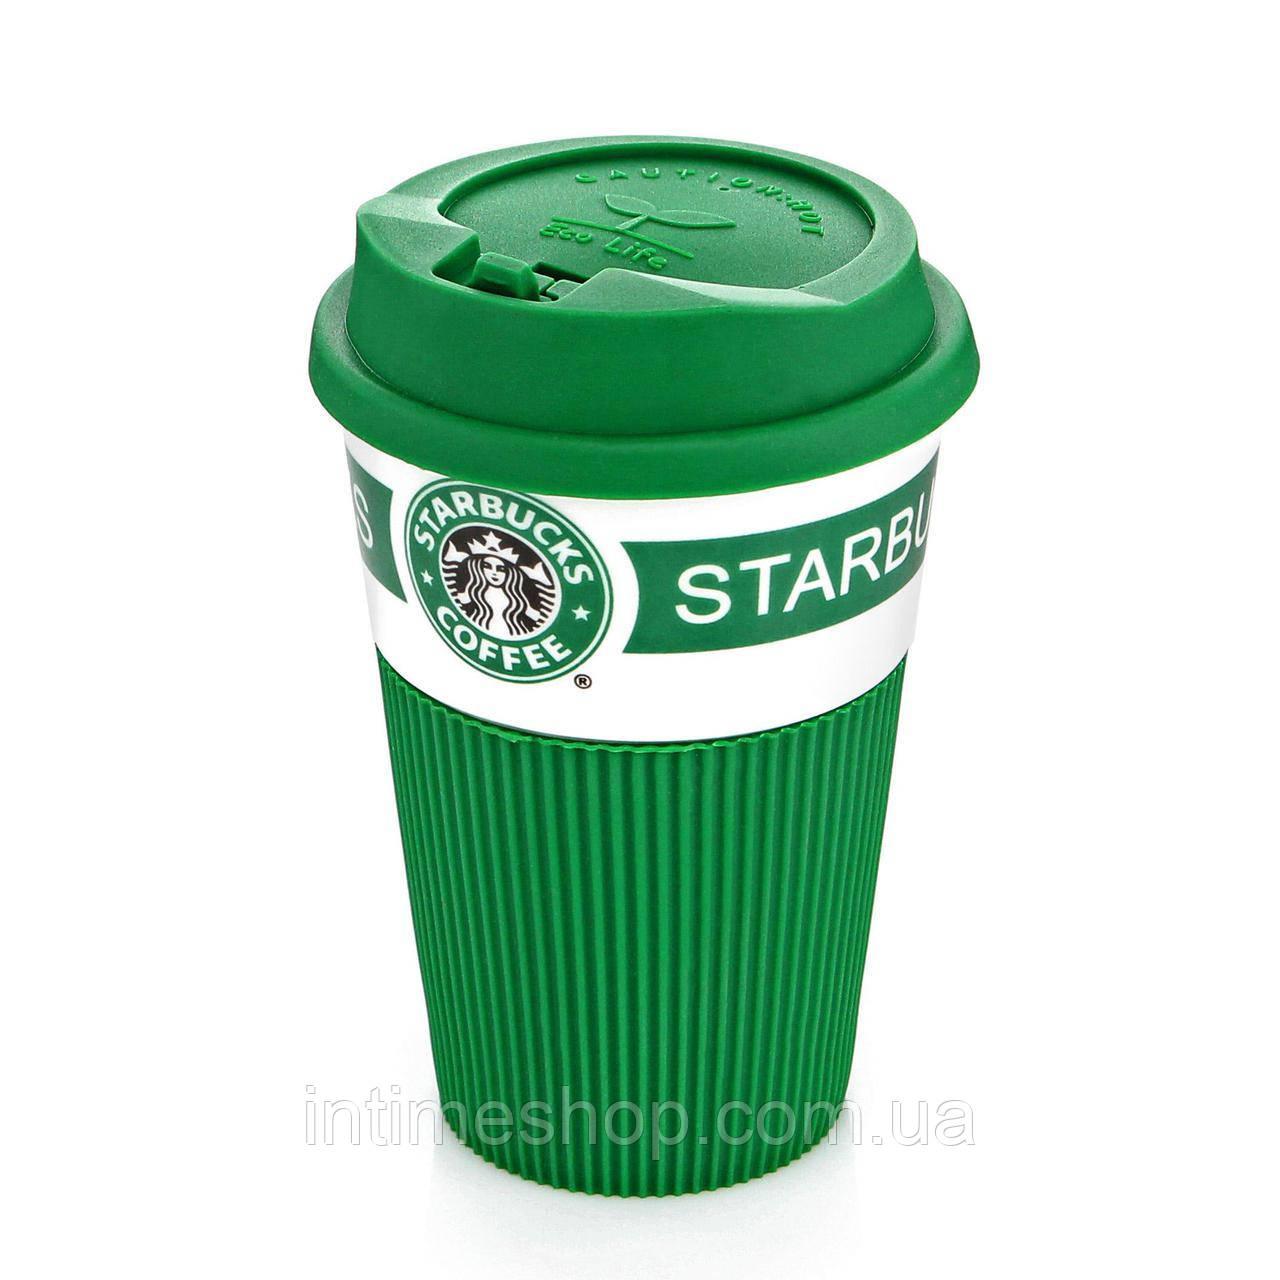 Розпродаж! Термочашка 350 мл, Зелена, термостакан для кави, чаю | термостакан для кофе